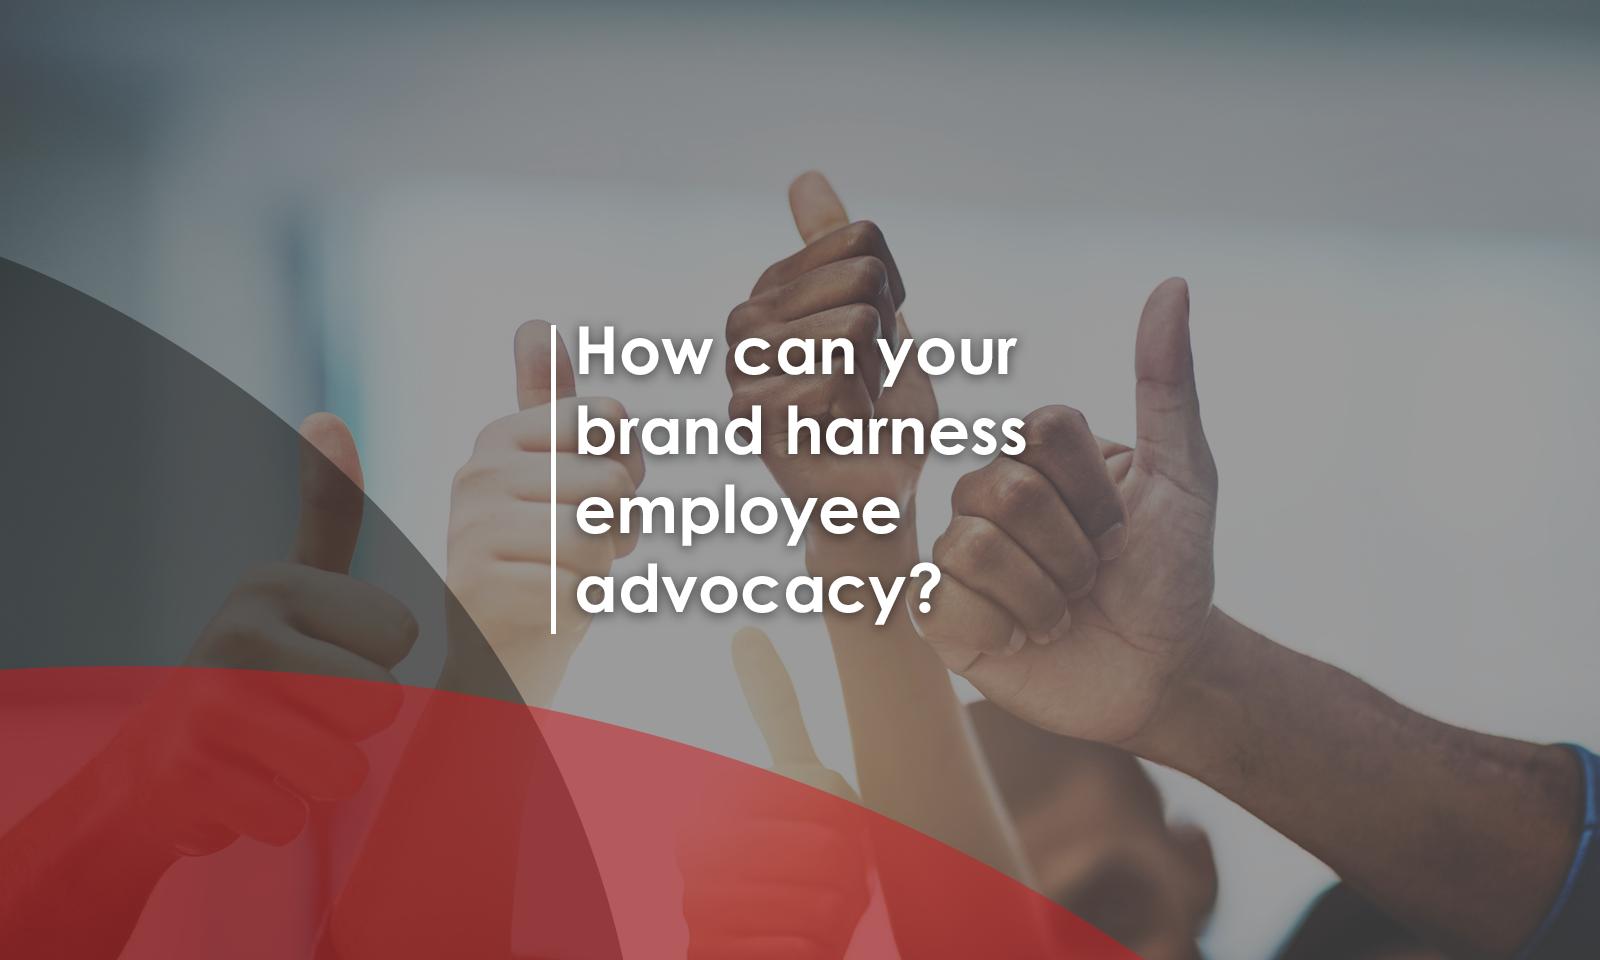 Four ways to harness employee advocacy